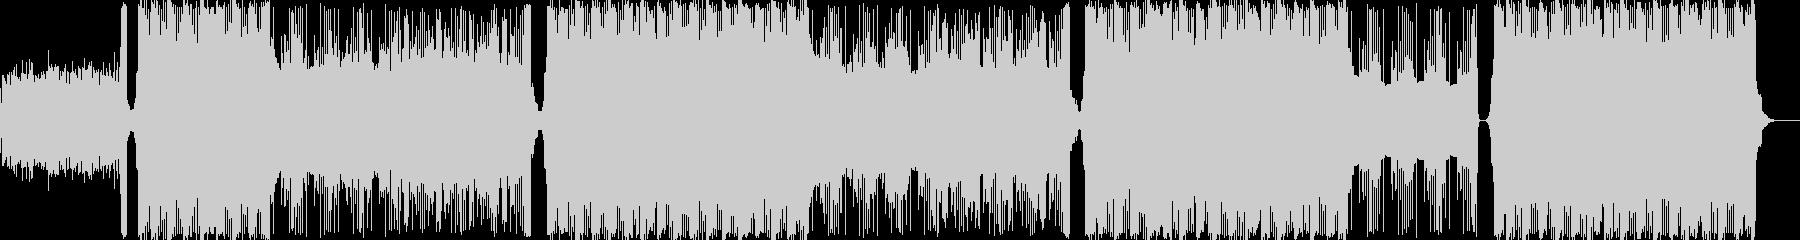 ヒップホップ/ダーク/クランク/#2の未再生の波形